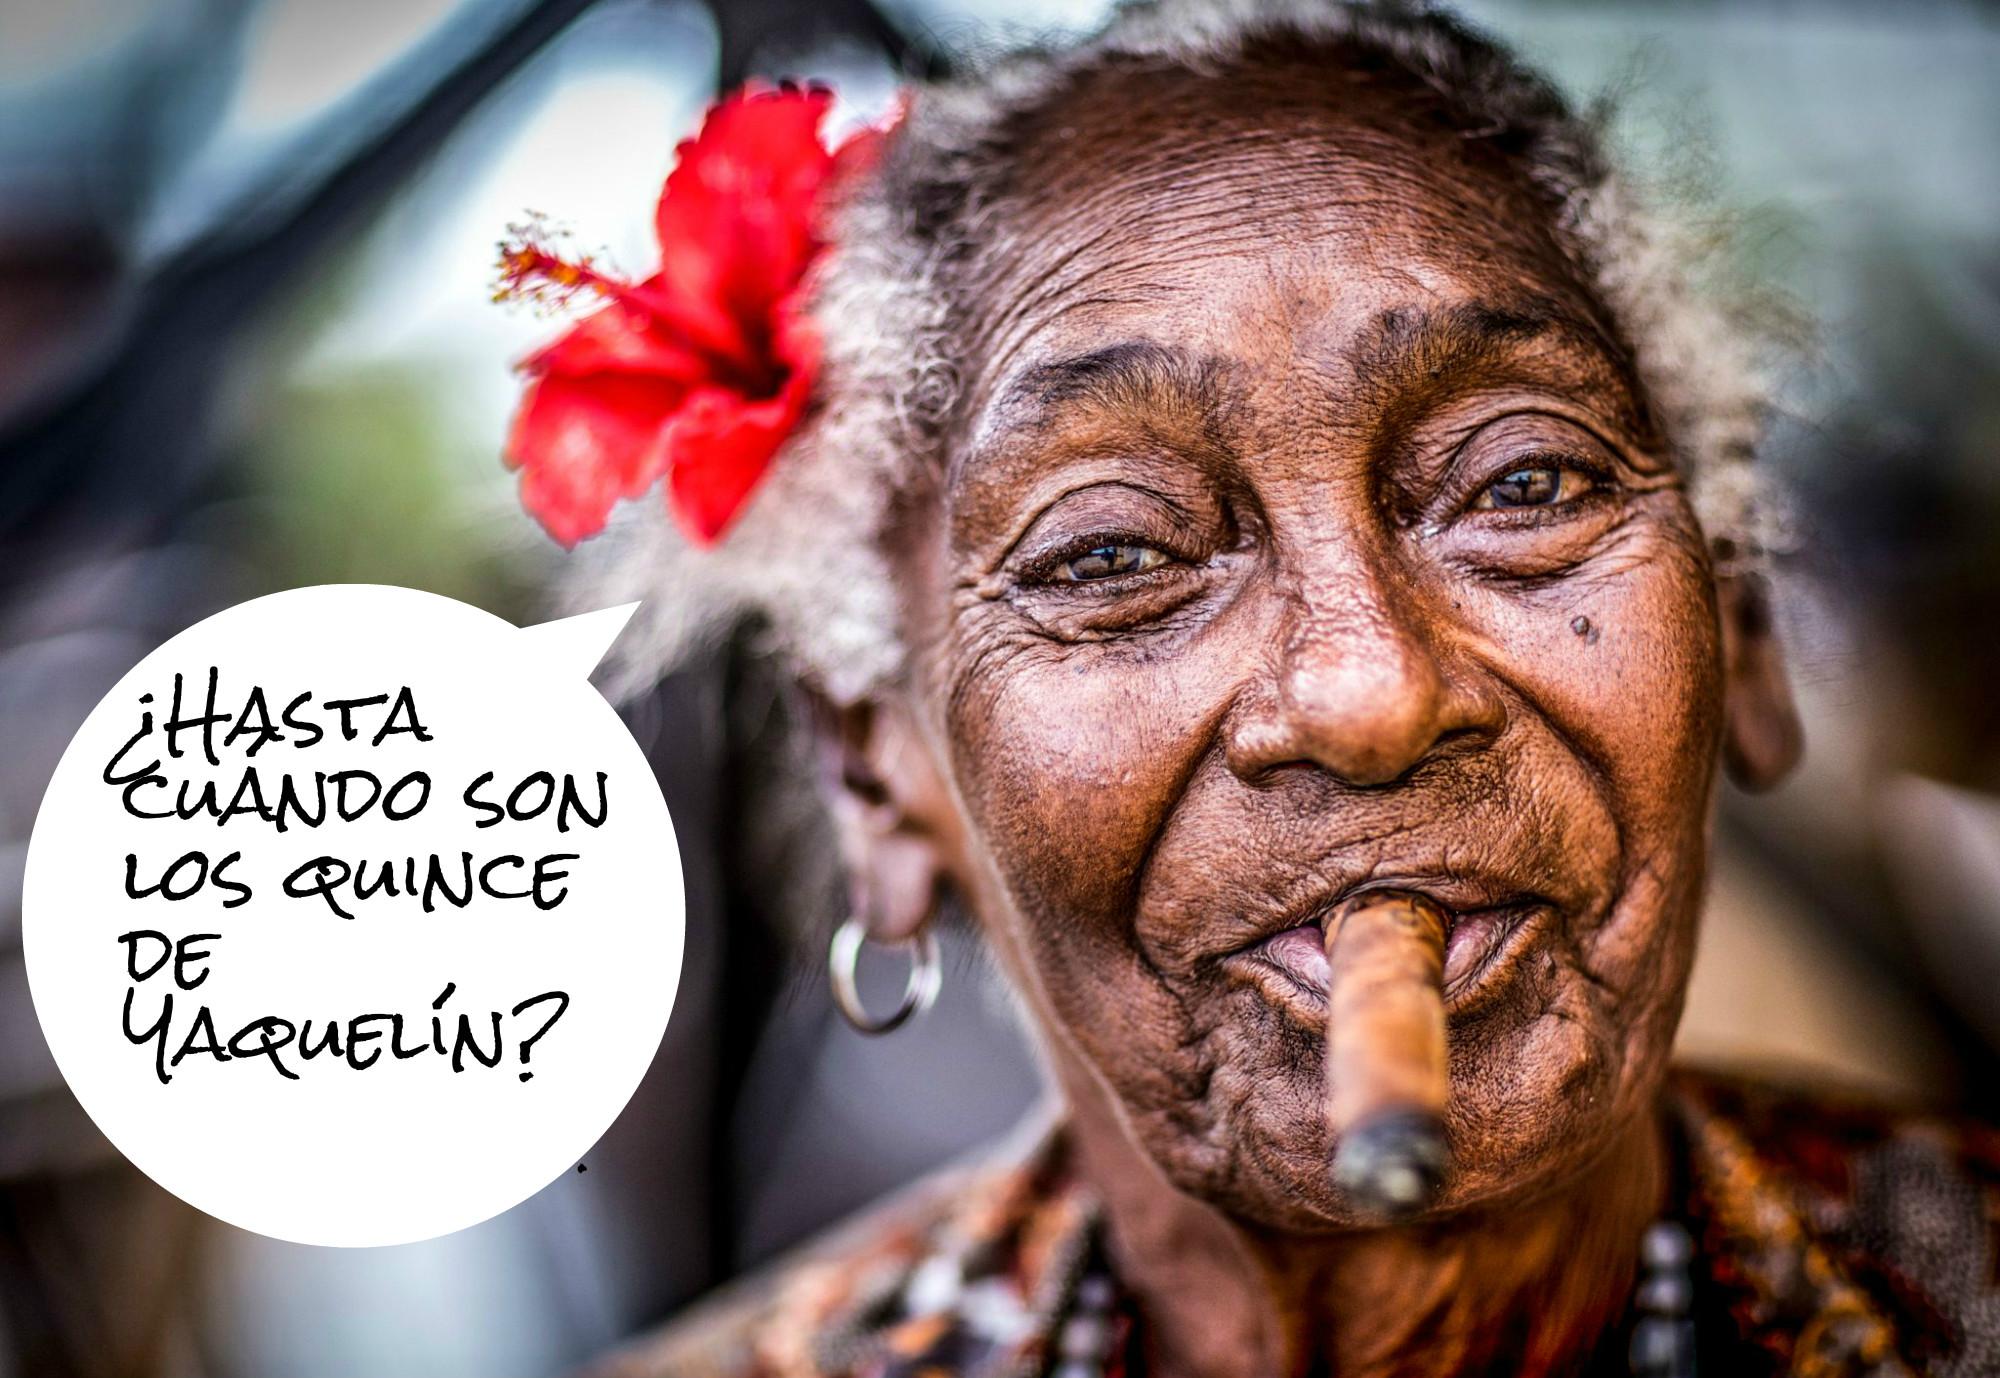 Las 24 Expresiones Cubanas Más Raras Y Cómo Usarlas